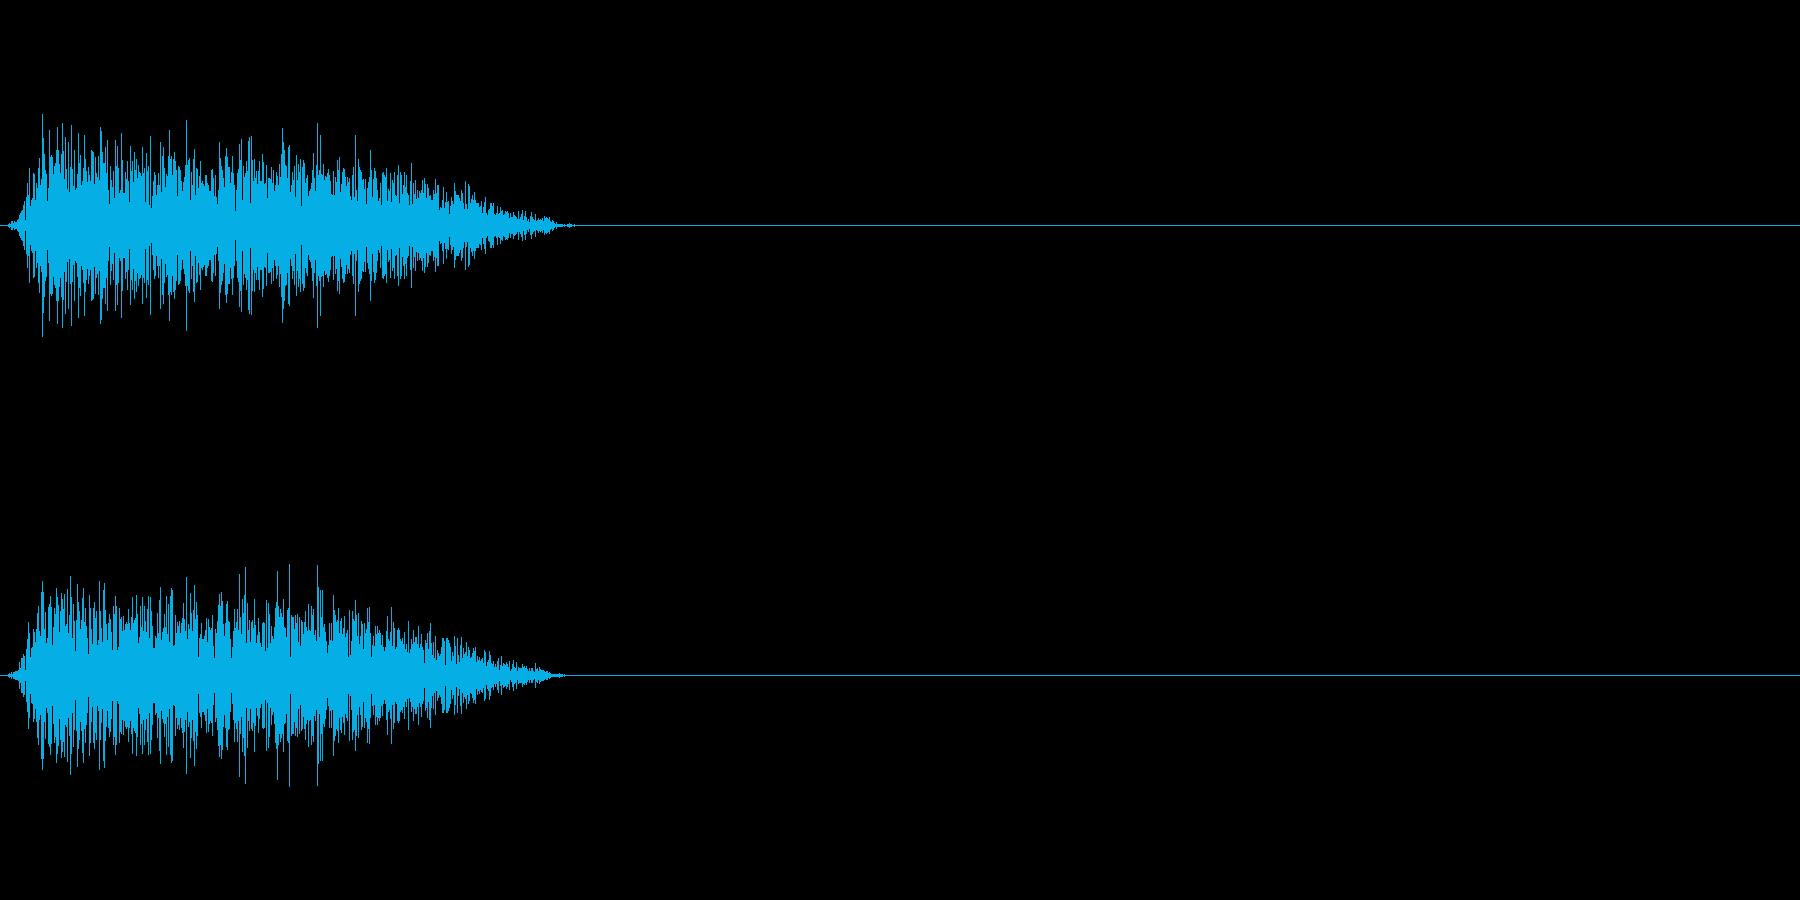 シュー 斬撃音の再生済みの波形